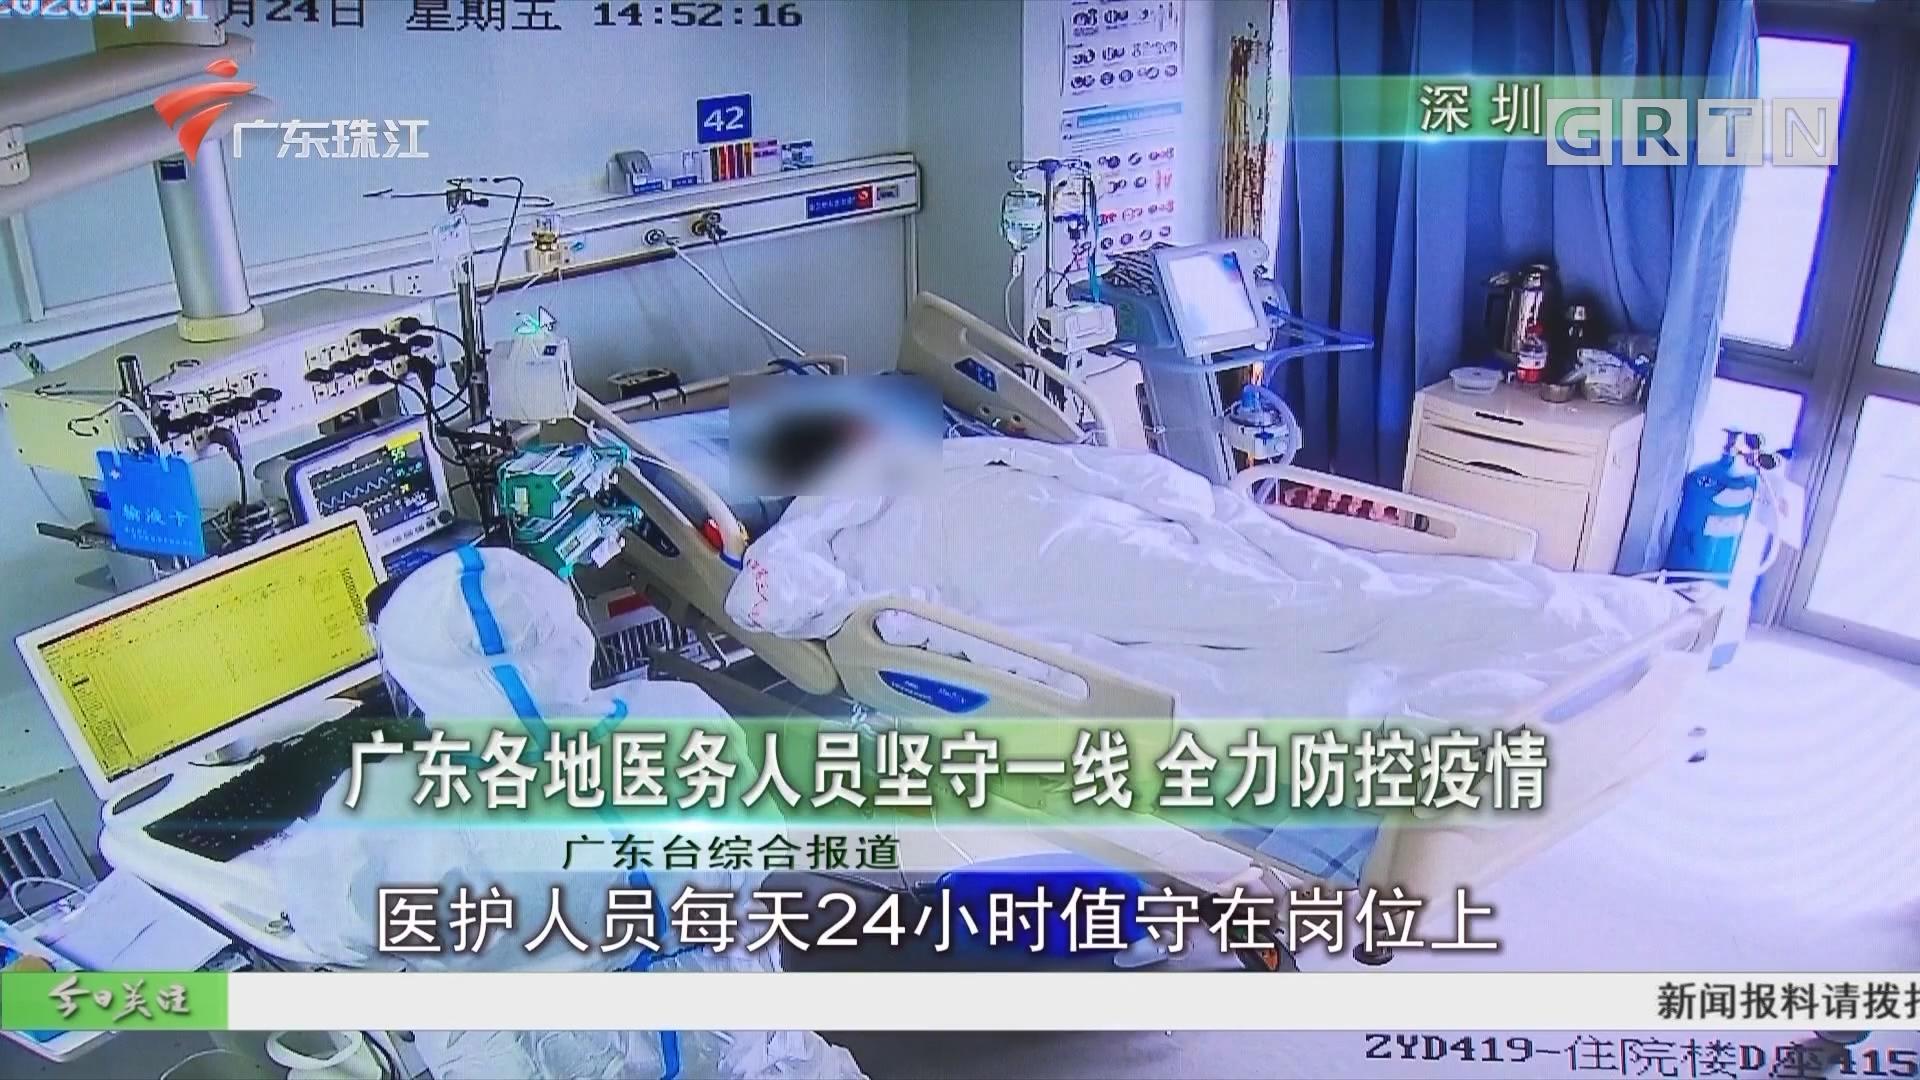 广东各地医务人员坚守一线 全力防控疫情